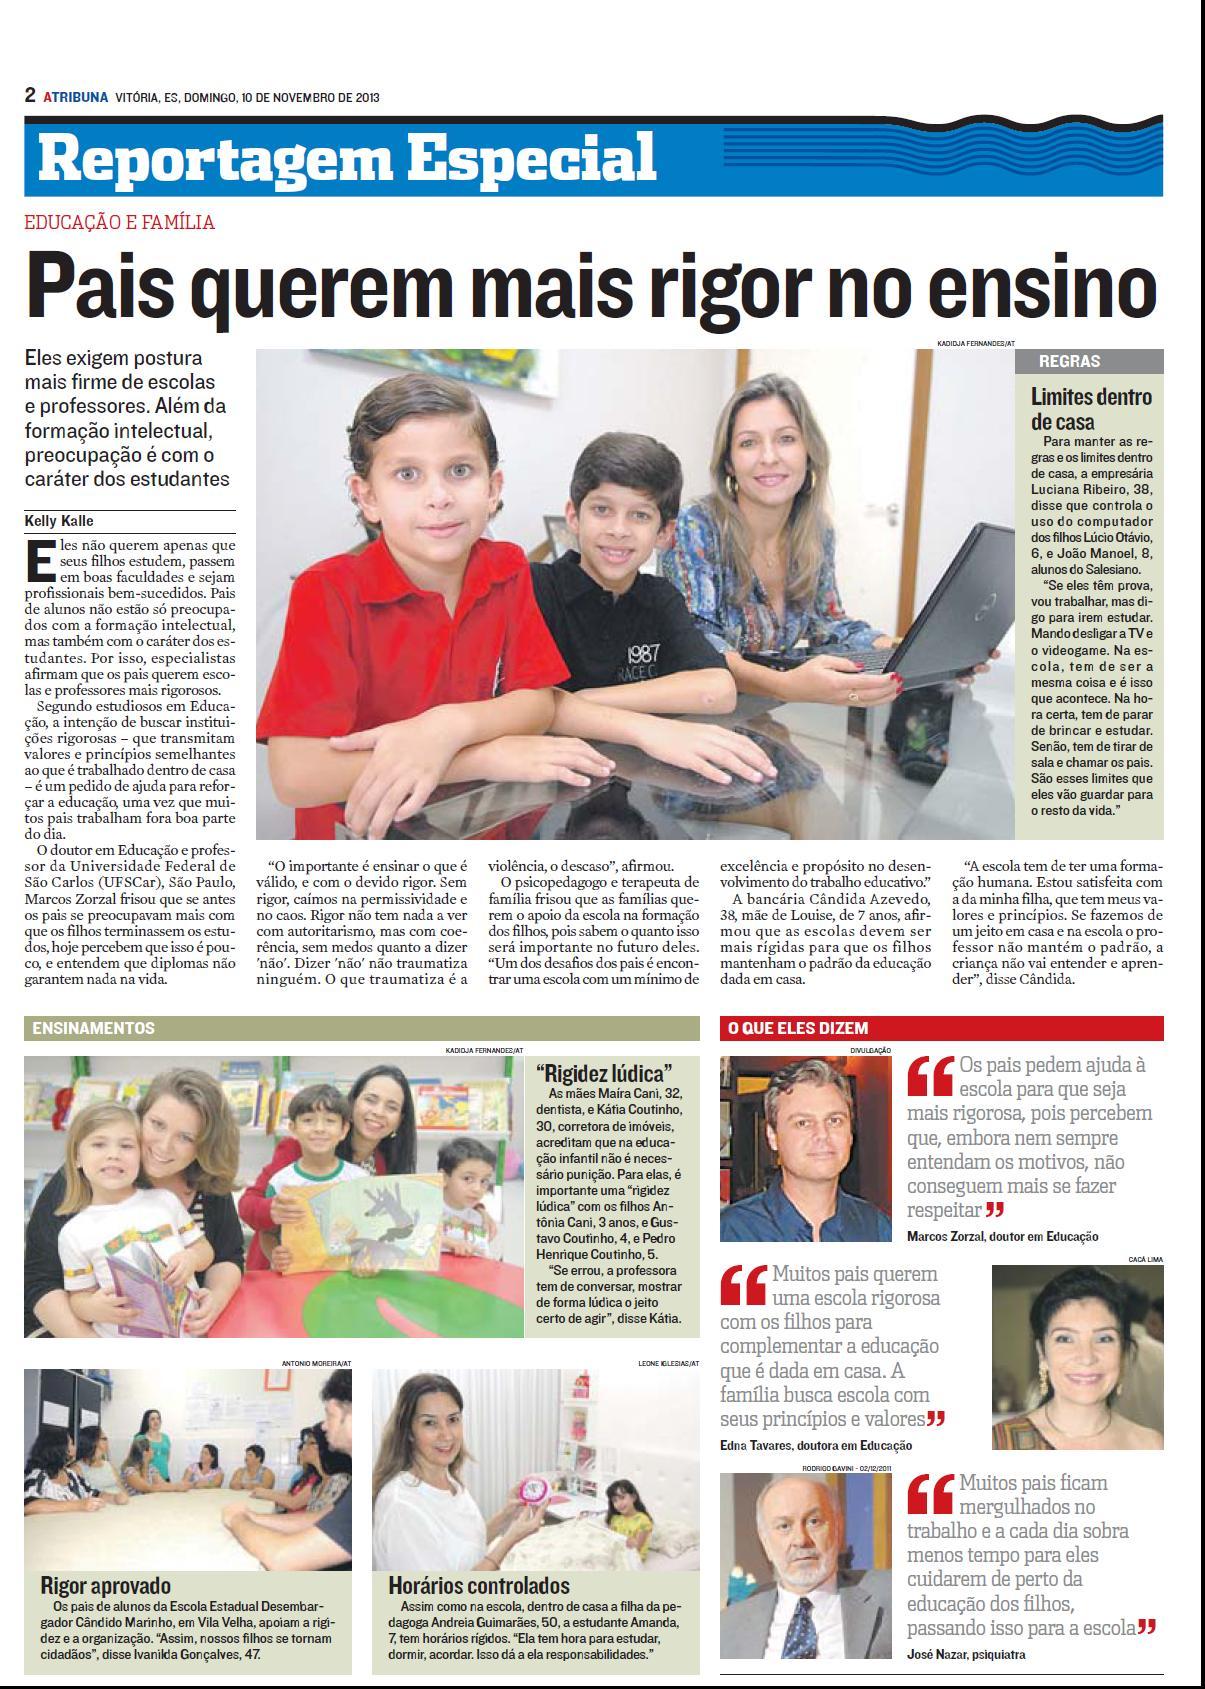 10_11_2013_AT_Reportagem_especial_p02